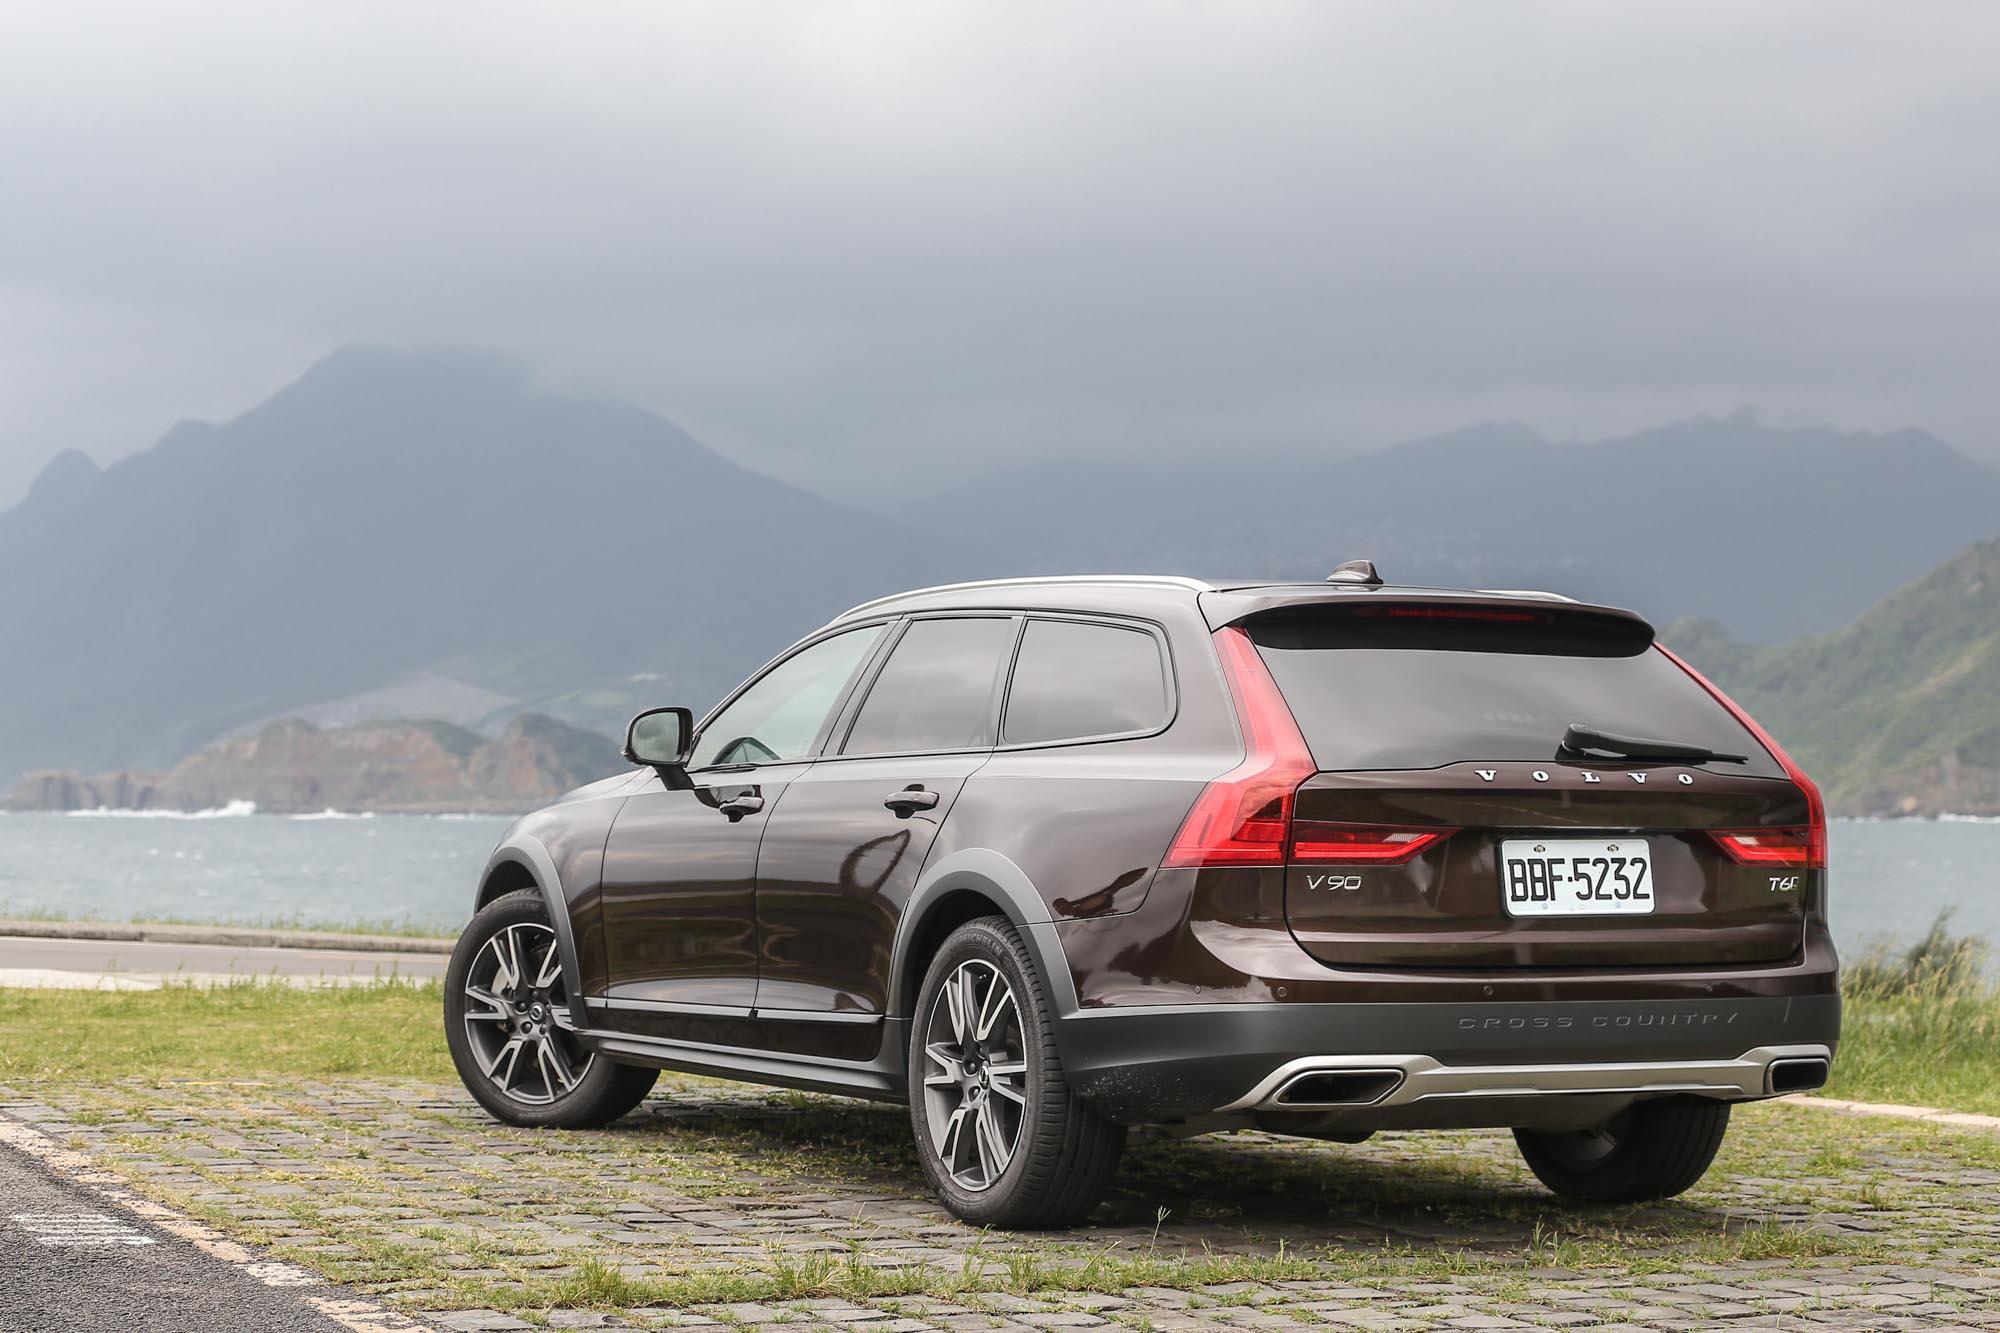 2019 年式 Volvo V90 Cross Country T6 加諸了總價 20 萬的升級配備,售價為新台幣 299 萬元。